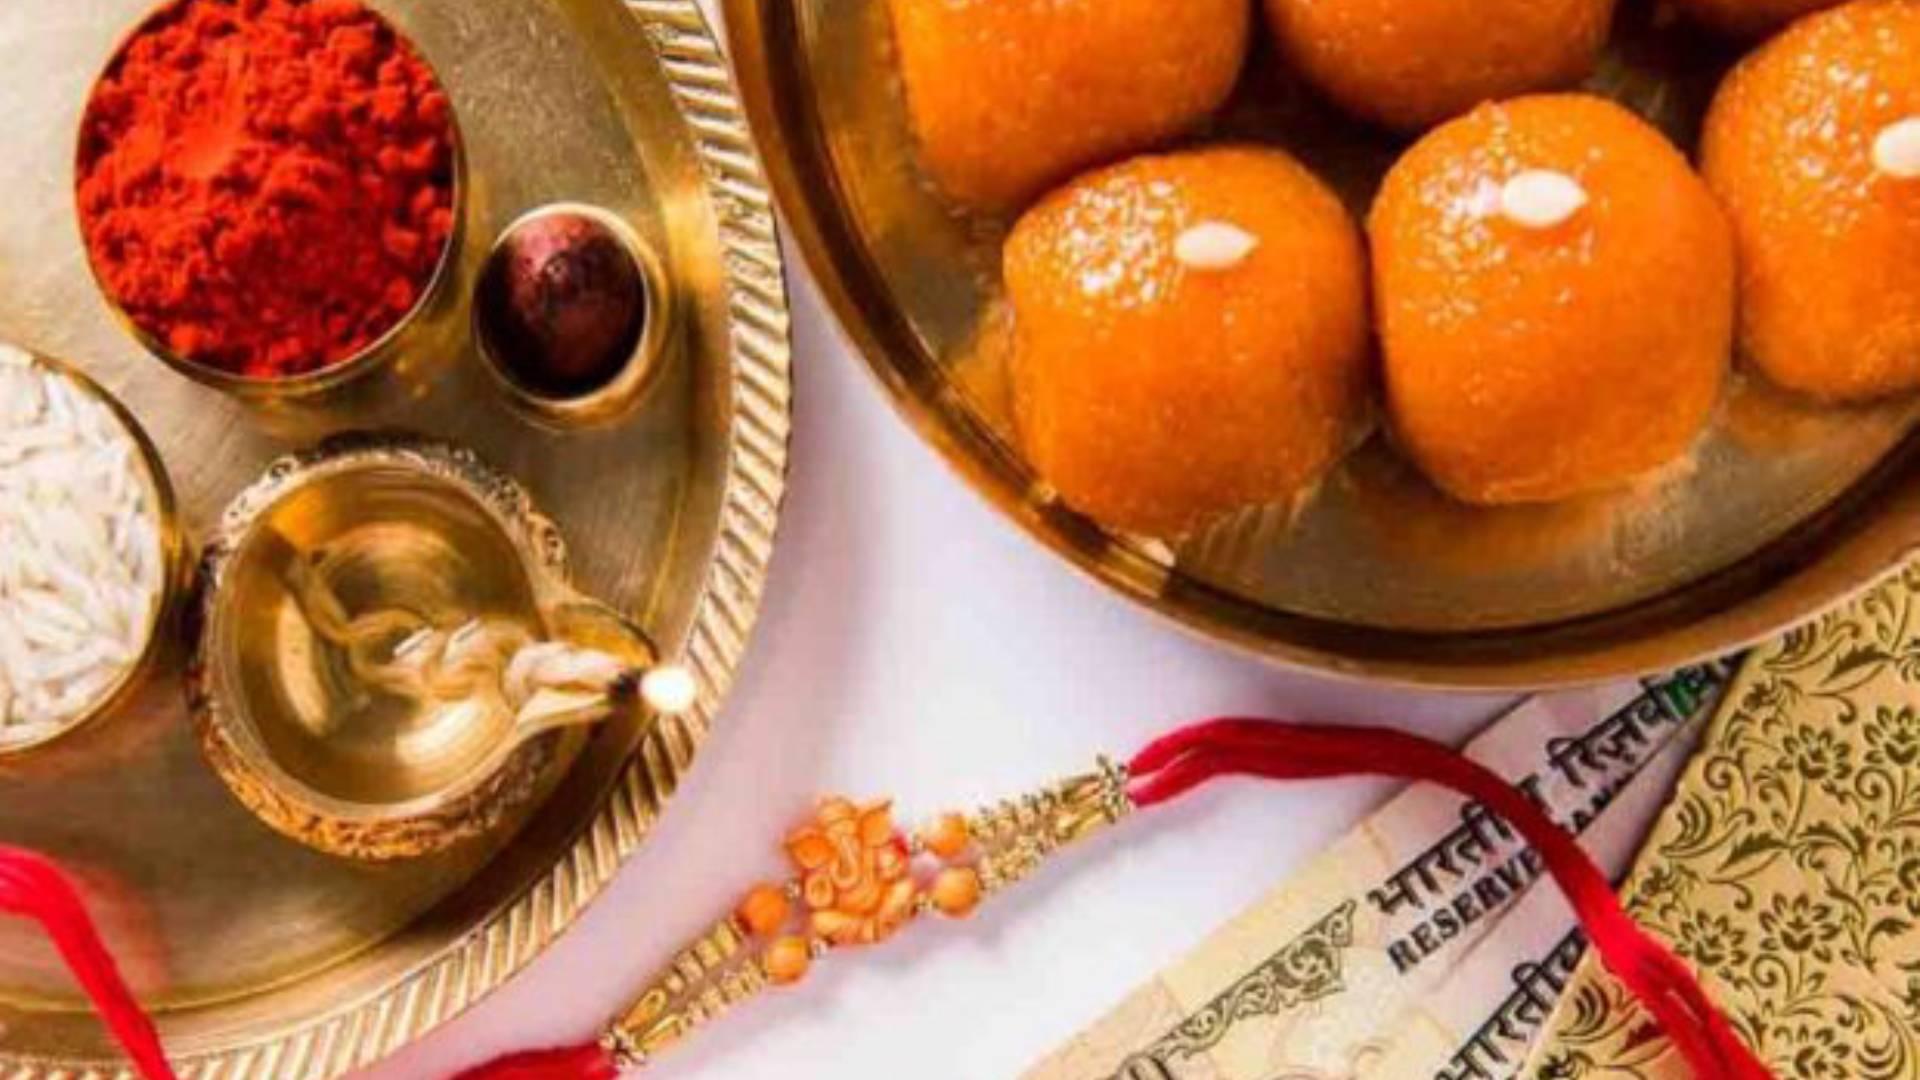 Raksha Bandhan 2019: इस त्योहार घर पर बनाएं झटपट तैयार होने वाली ये 5 मिठाइयां, रिश्तों में घुलेगी मिठास